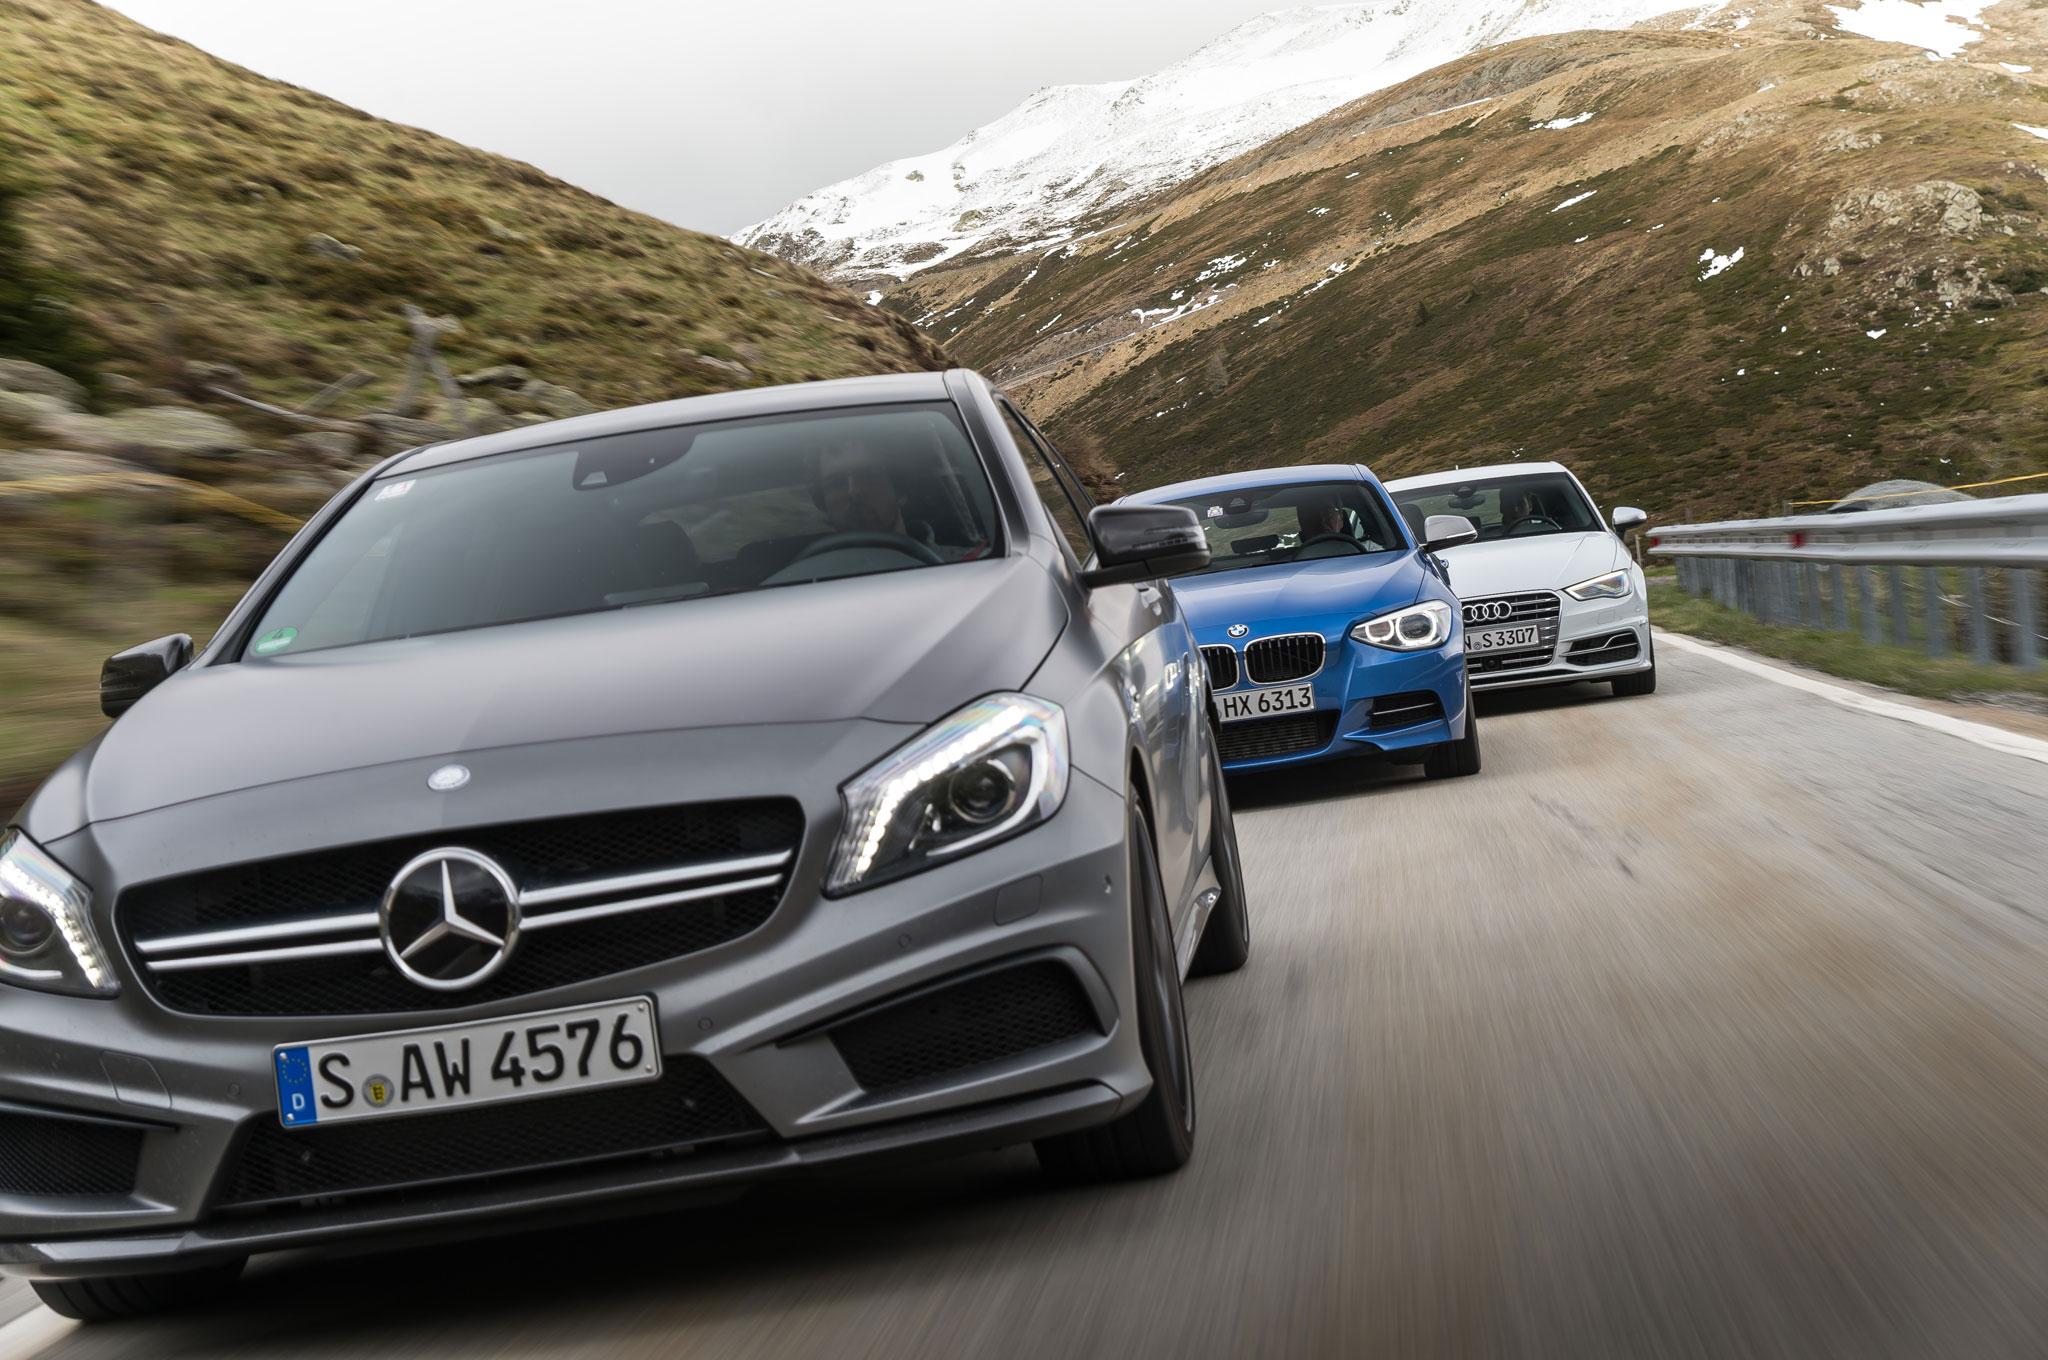 Audi S3 Vs Bmw M135i Vs Mercedes Benz A45 Amg